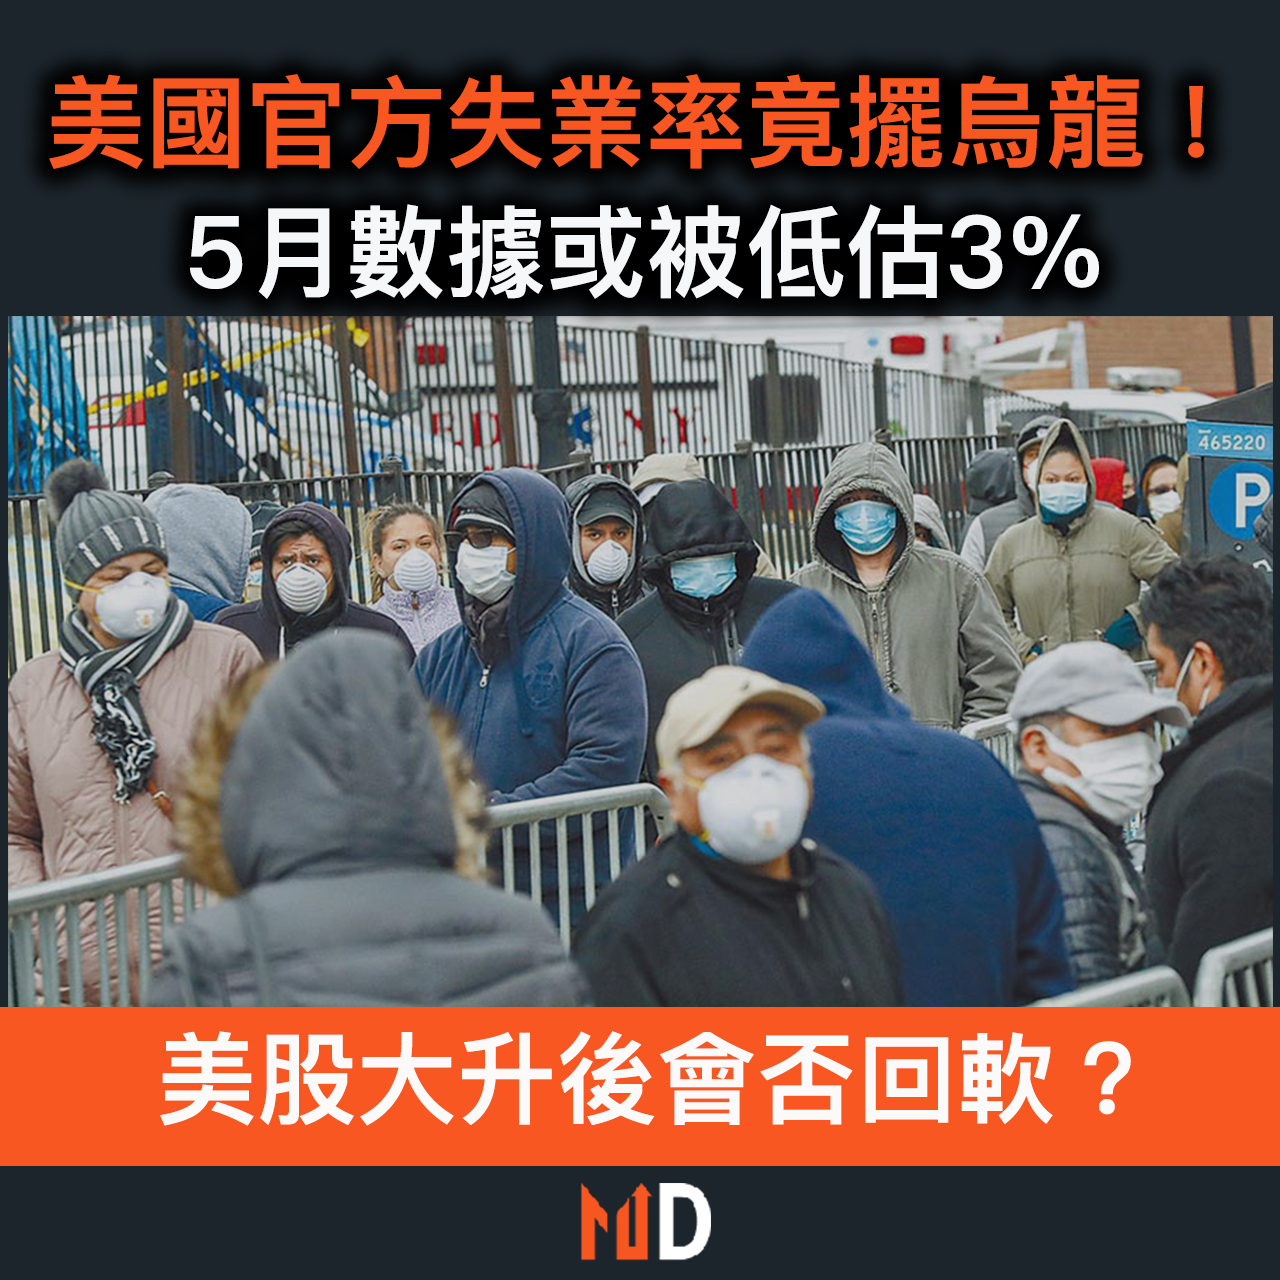 【市場熱話】美國官方失業率竟擺烏龍!5月數據或被低估3%